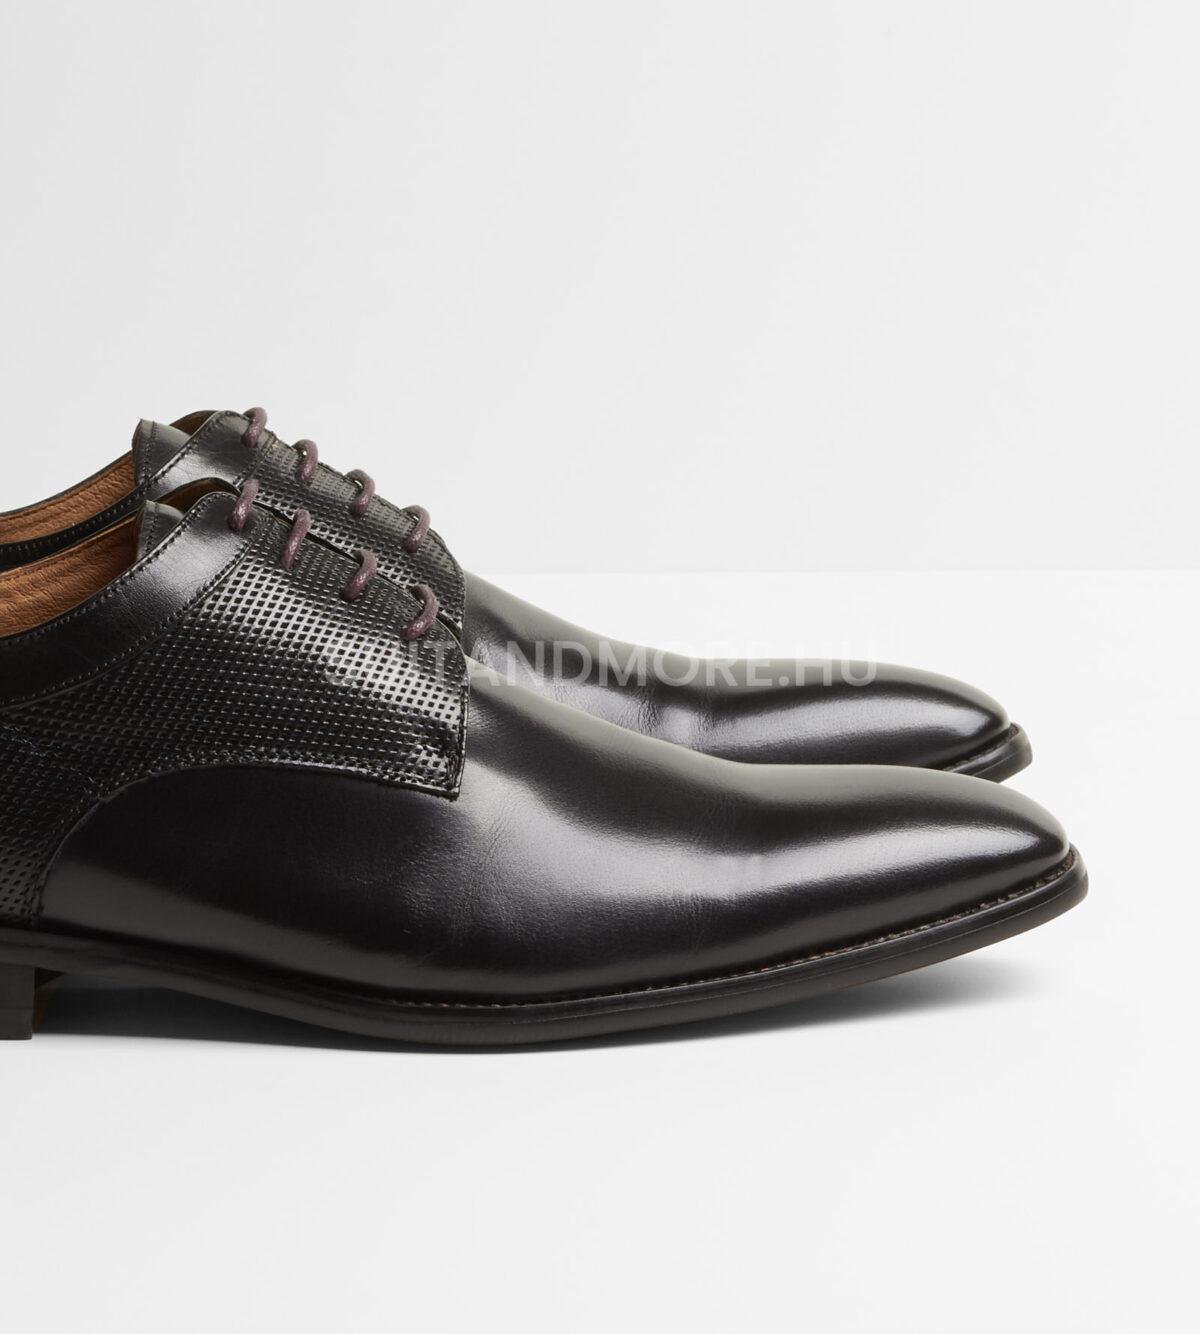 DIGEL-fekete-fűzős-elegáns-cipő-SYRAKUS-1001907-10-02